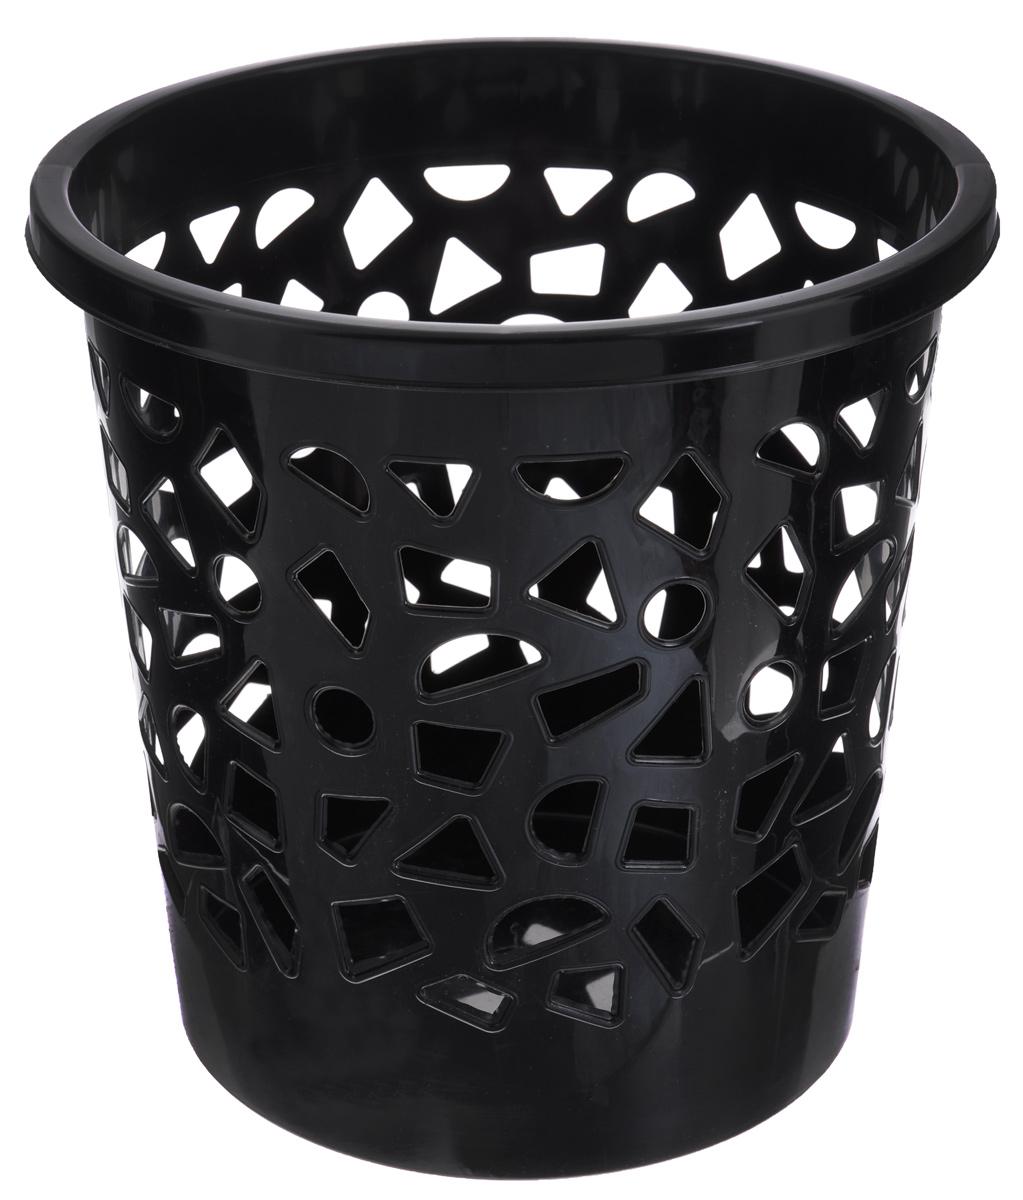 Корзина для мусора Бытпласт, цвет: черный, высота 26 см391602Корзина для мусора Бытпласт, изготовлена из высококачественного пластика. Вы можете использовать ее для выбрасывания разных пищевых и не пищевых отходов. Корзина имеет отверстия на стенках и сплошное дно. Корзина для мусора поможет содержать ваше рабочее место в порядке.Диаметр (по верхнему краю): 26 см.Высота: 26 см.